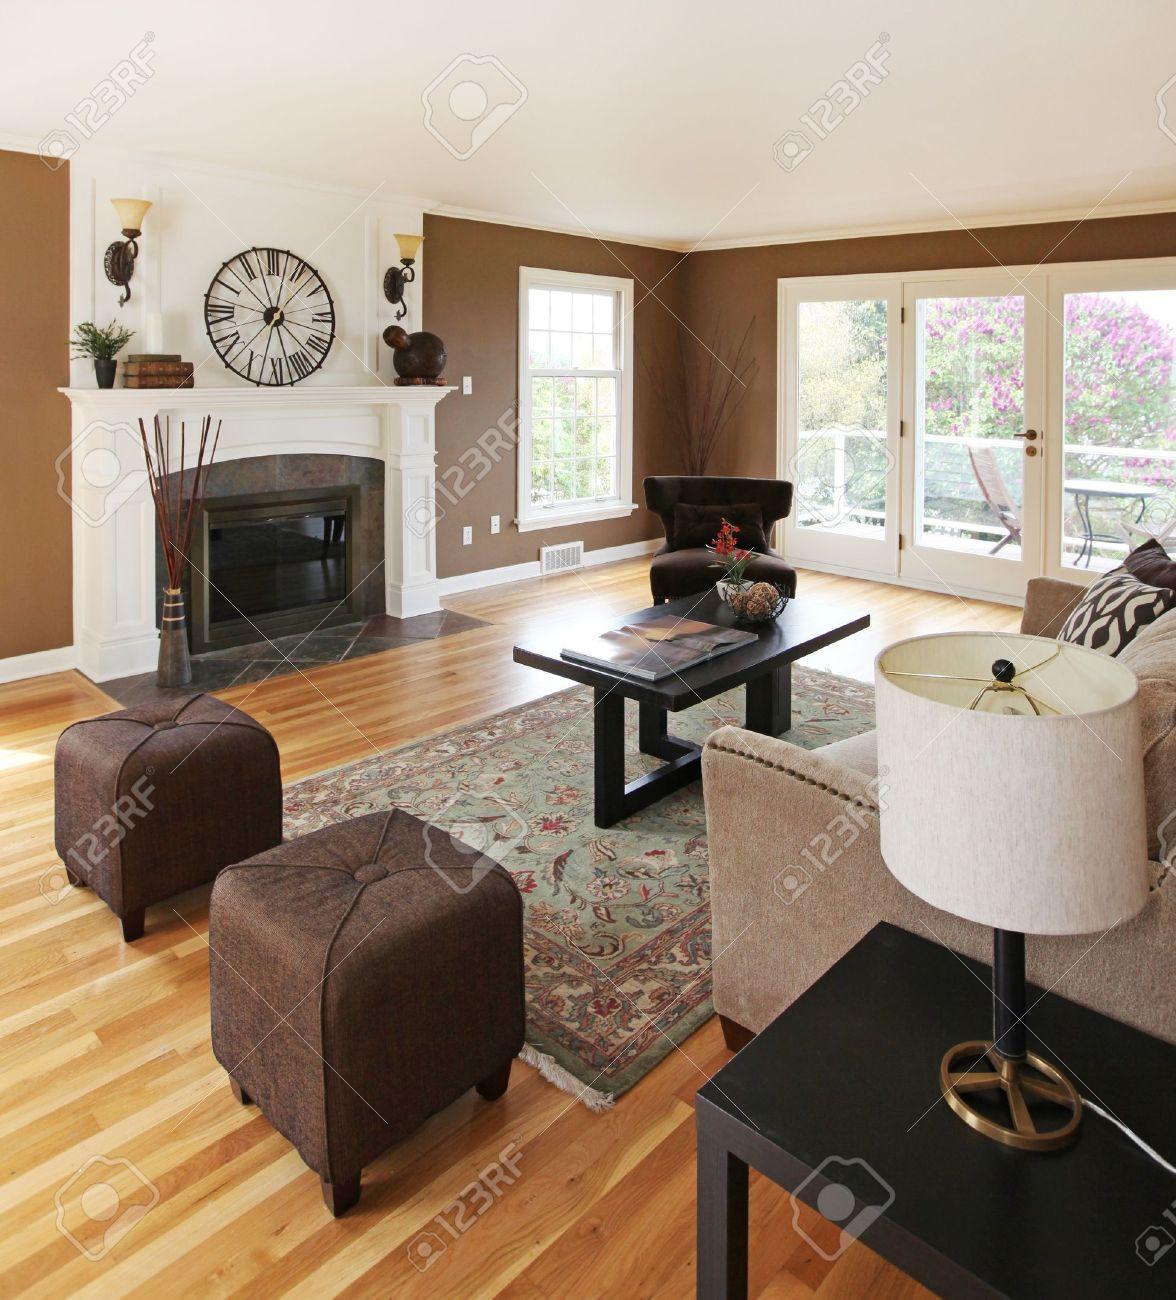 Wohnzimmer klassische einrichtung mit weiß und braun. lizenzfreie ...